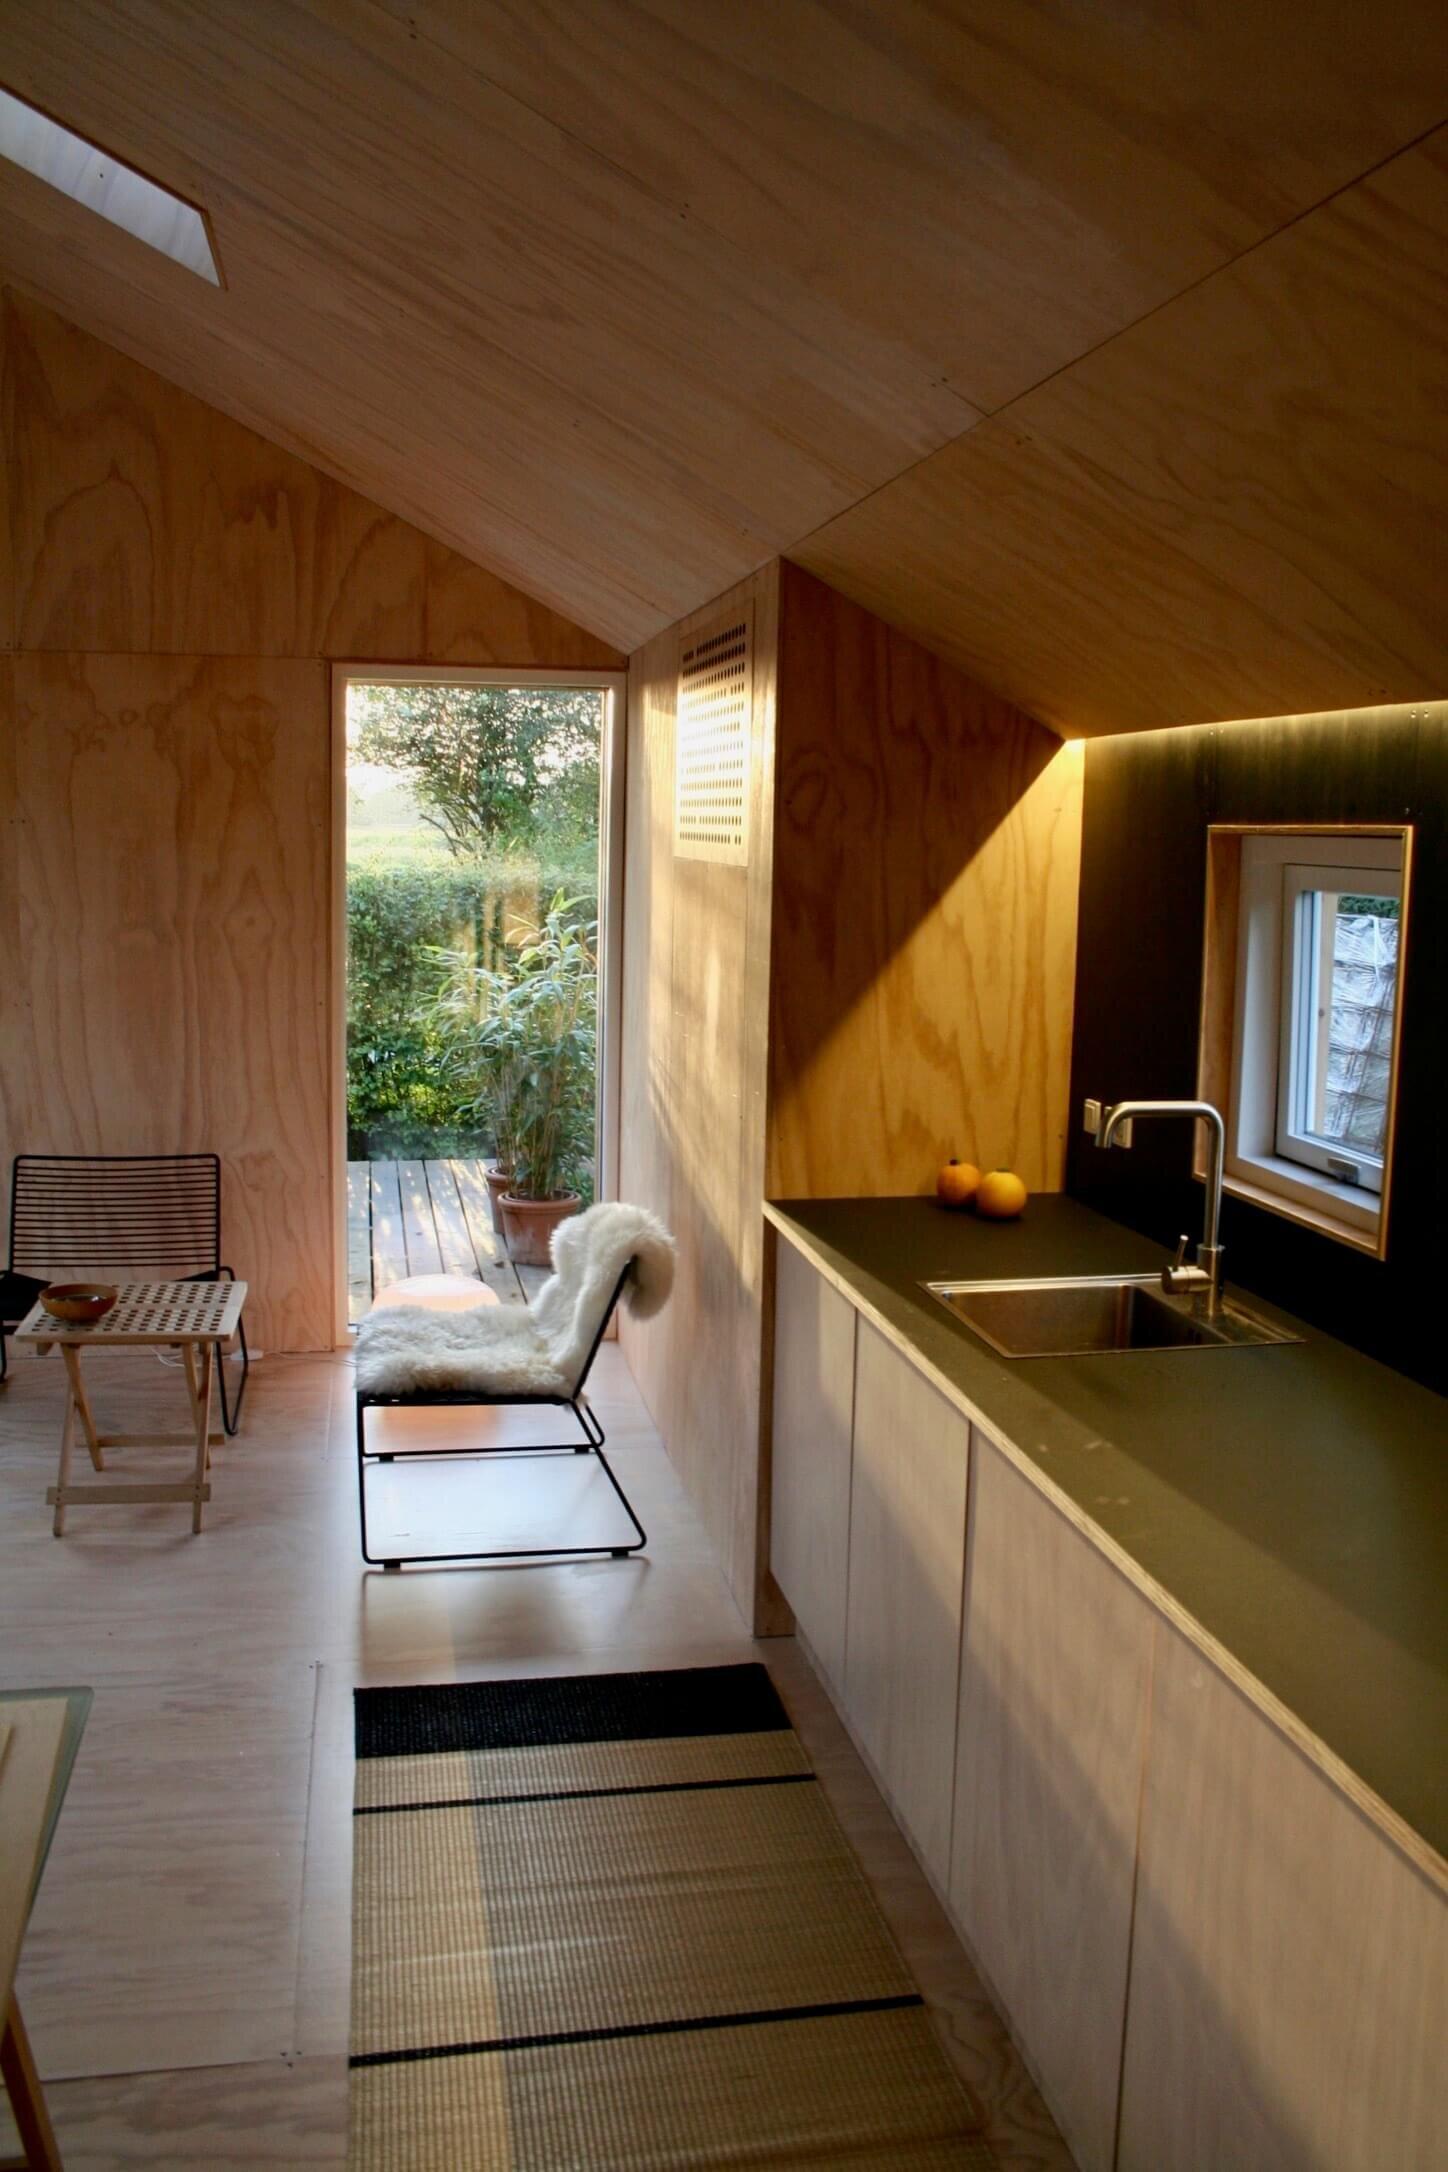 Allotment-House-Kristian-Olesen-Denmark-6